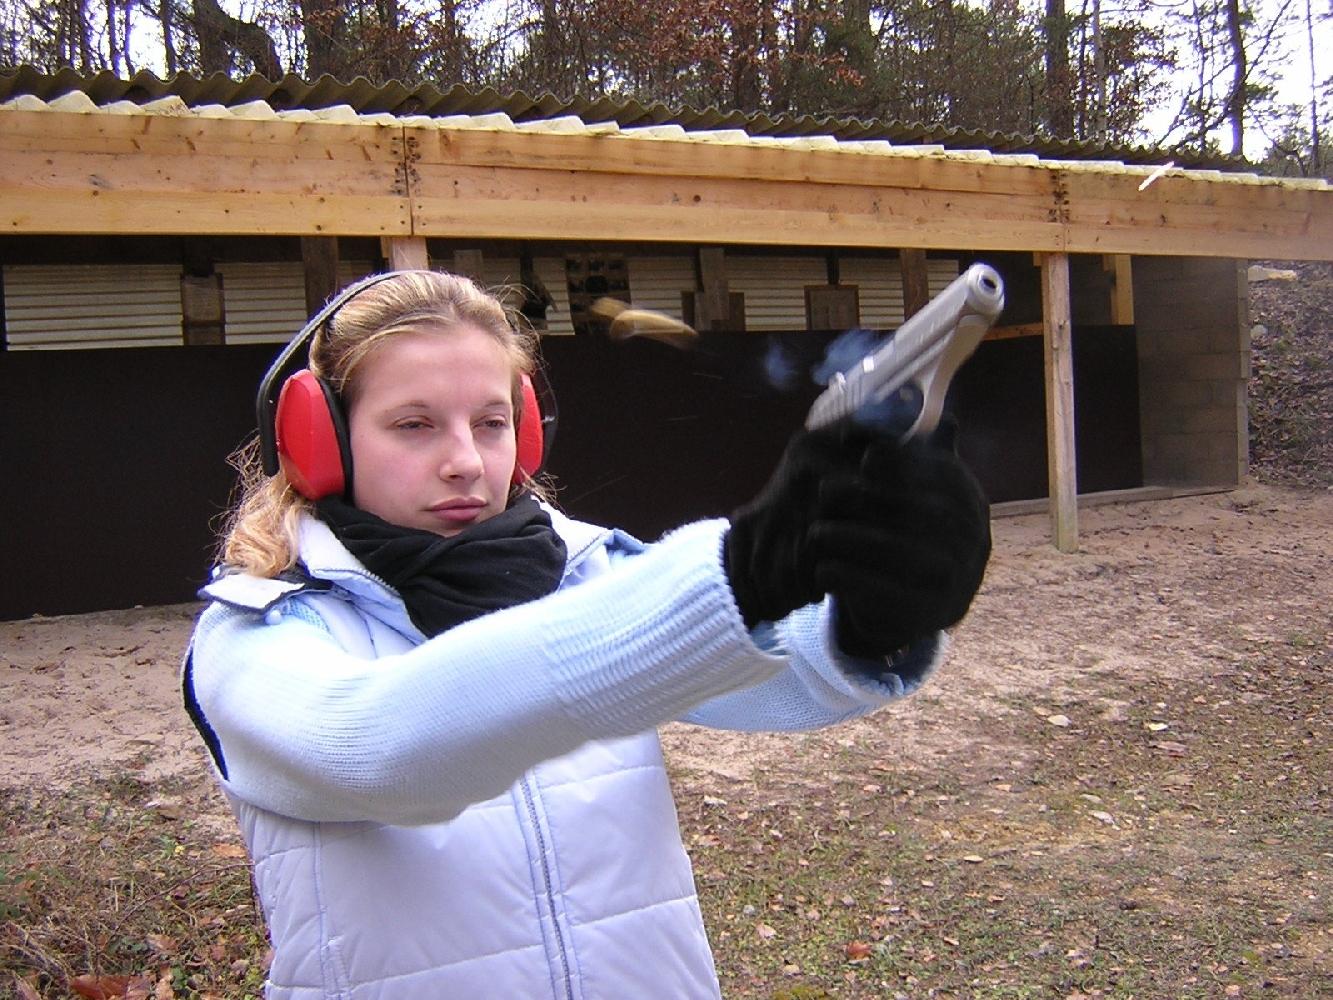 Tirée dans un pistolet ultra compact comme ce SIG-Sauer P232 SL, la cartouche de 9 mm Browning court (.380 ACP) génère un recul sec, mais le relèvement du canon reste modéré.